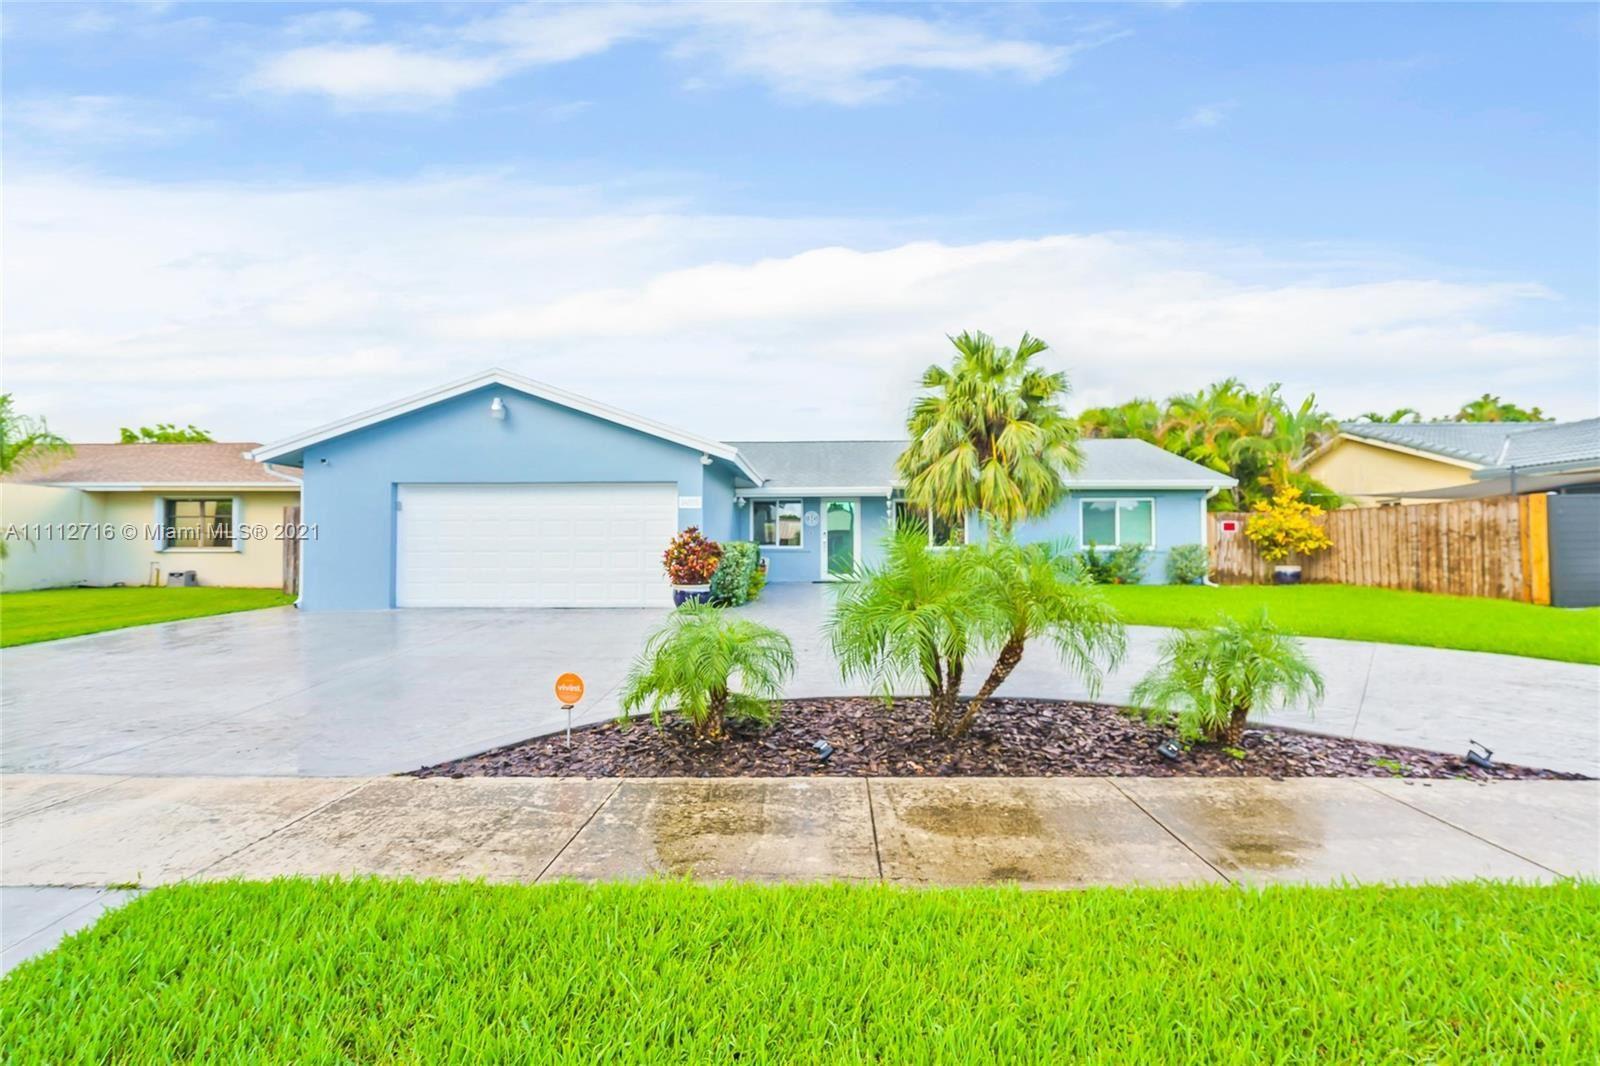 14055 SW 48th Ter, Miami, FL 33175 - #: A11112716